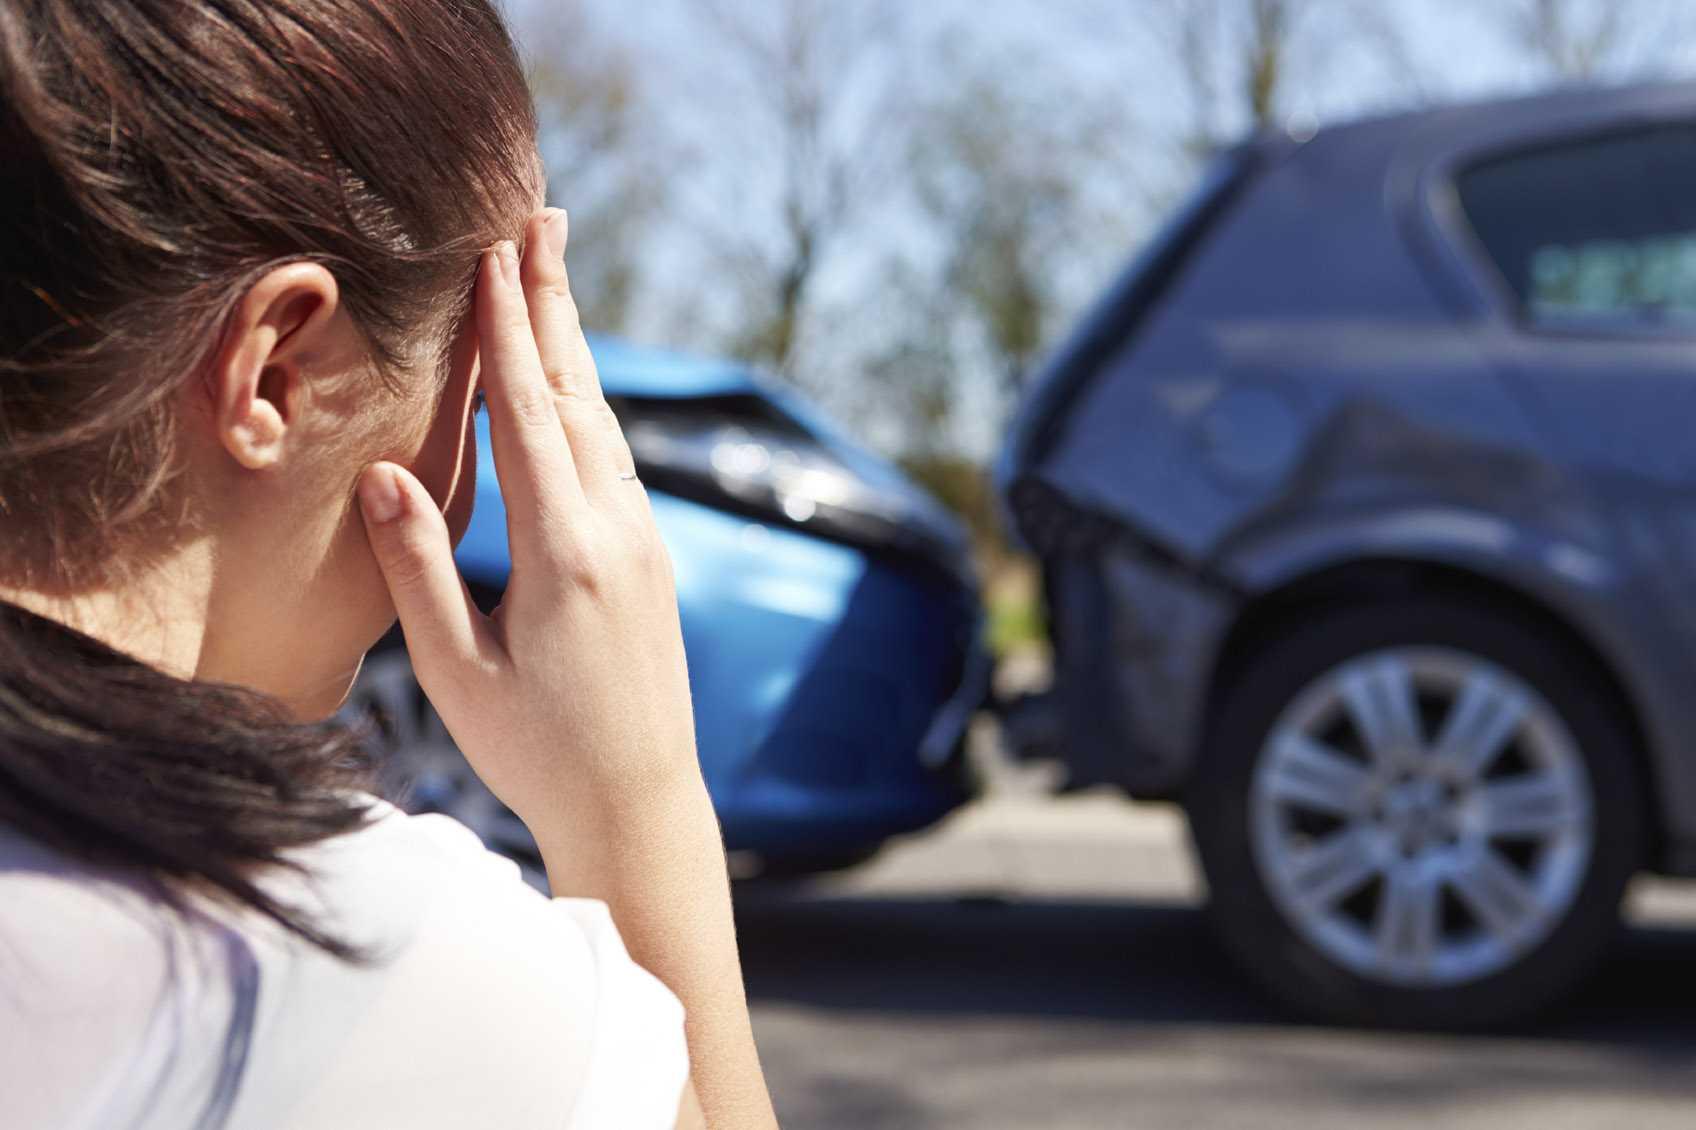 car-accident-slide